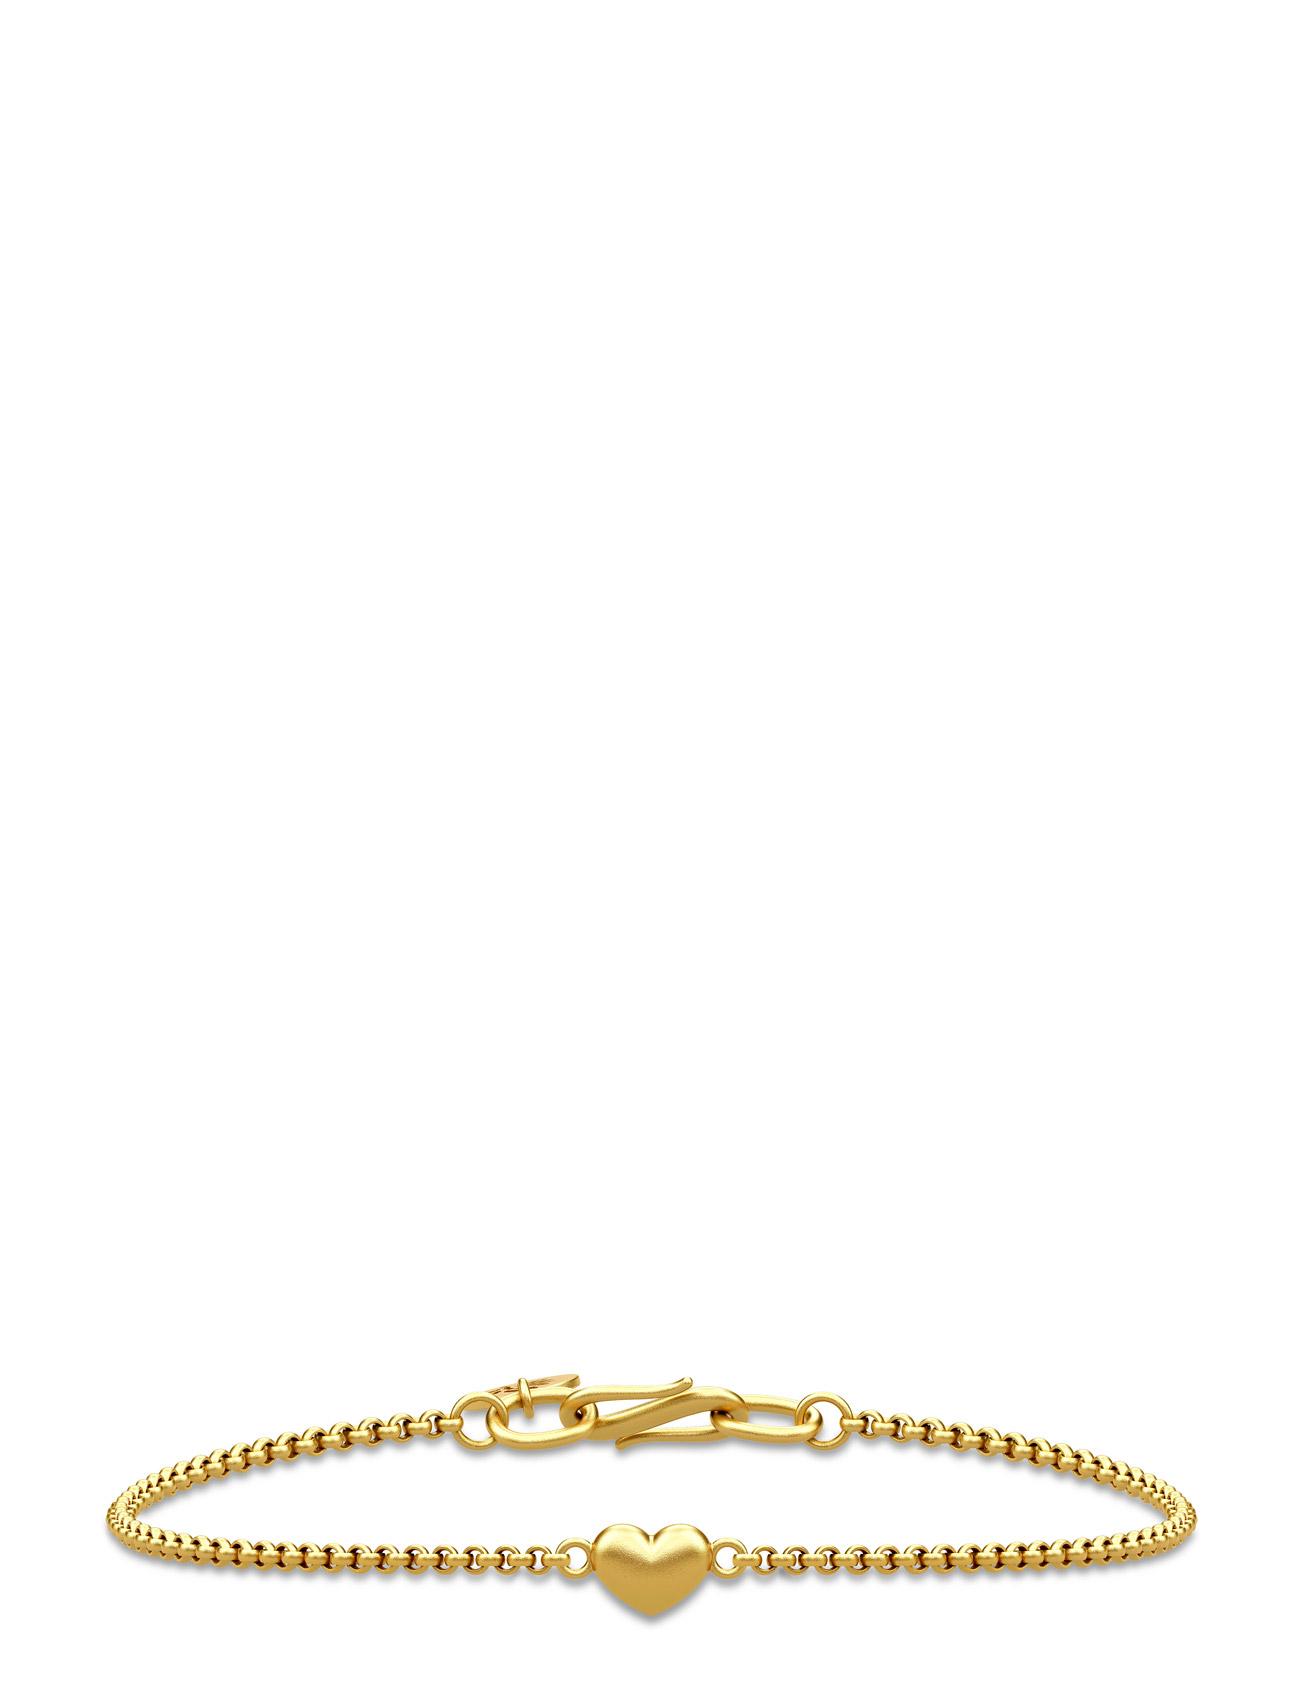 Love Bracelet - Gold Julie Sandlau Smykker til Kvinder i Guld